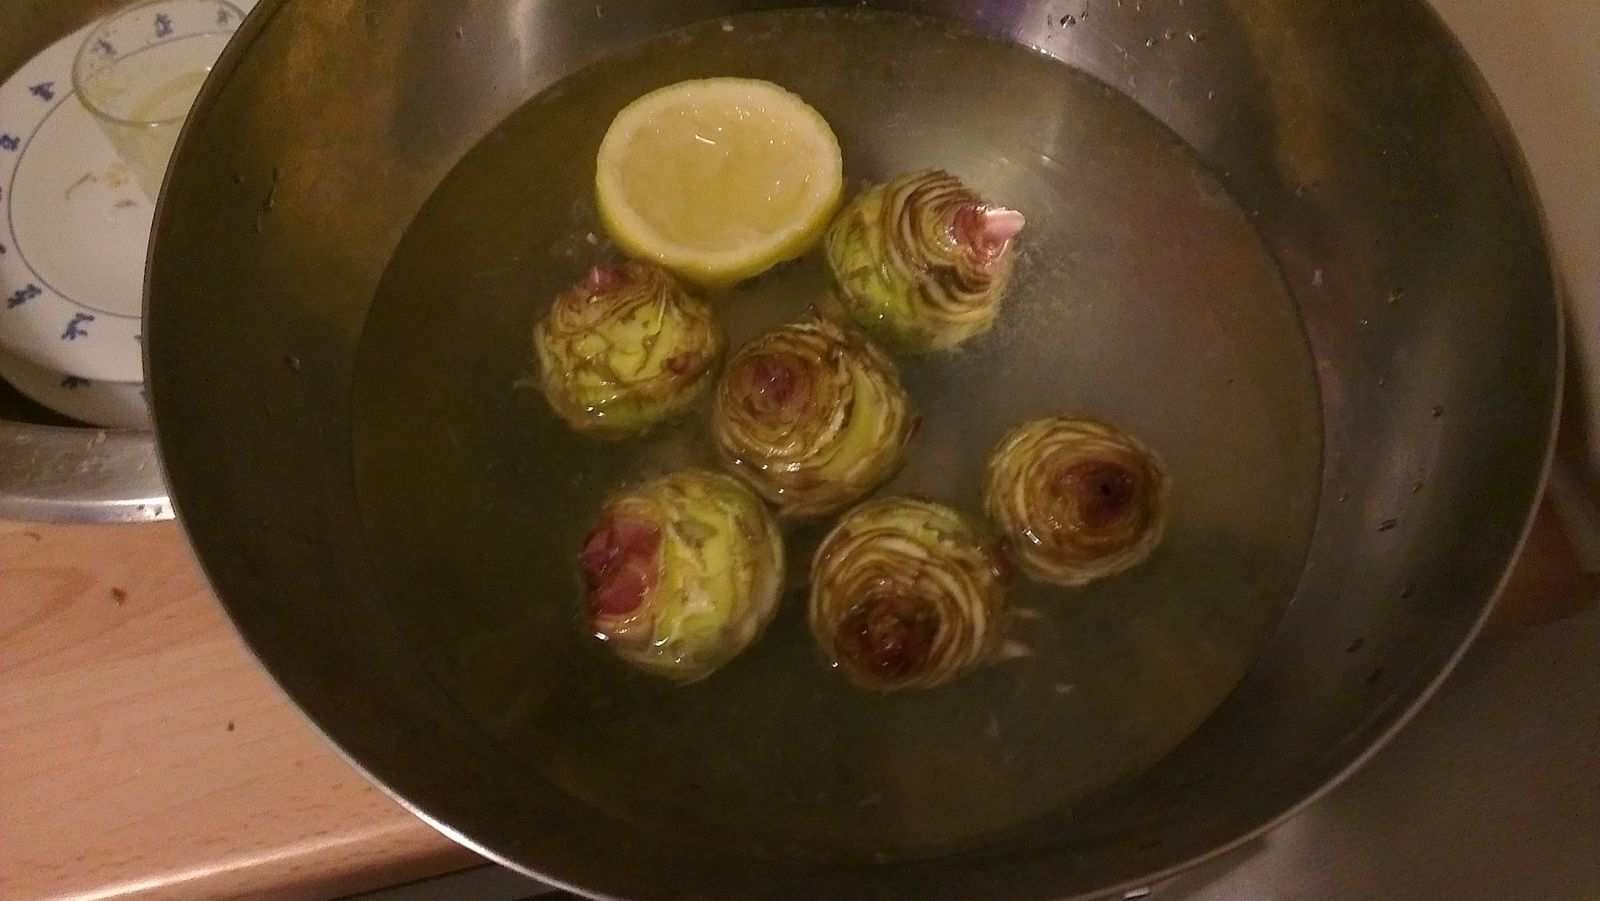 """""""Tourner"""" les artichauts, c'est-à-dire retirer toutes les feuilles en conservant le coeur. Couper la queue à 3 cm du coeur et l'éplucher sur 2 mm, puis """"tourner"""" avec le couteau autour du coeur de l'artichaut pour enlever la base des feuilles qui restent. Plonger les artichauts dans l'eau citronnée (pour éviter qu'ils noircissent, et d'une pierre deux coups les imbiber un peu de citron)."""